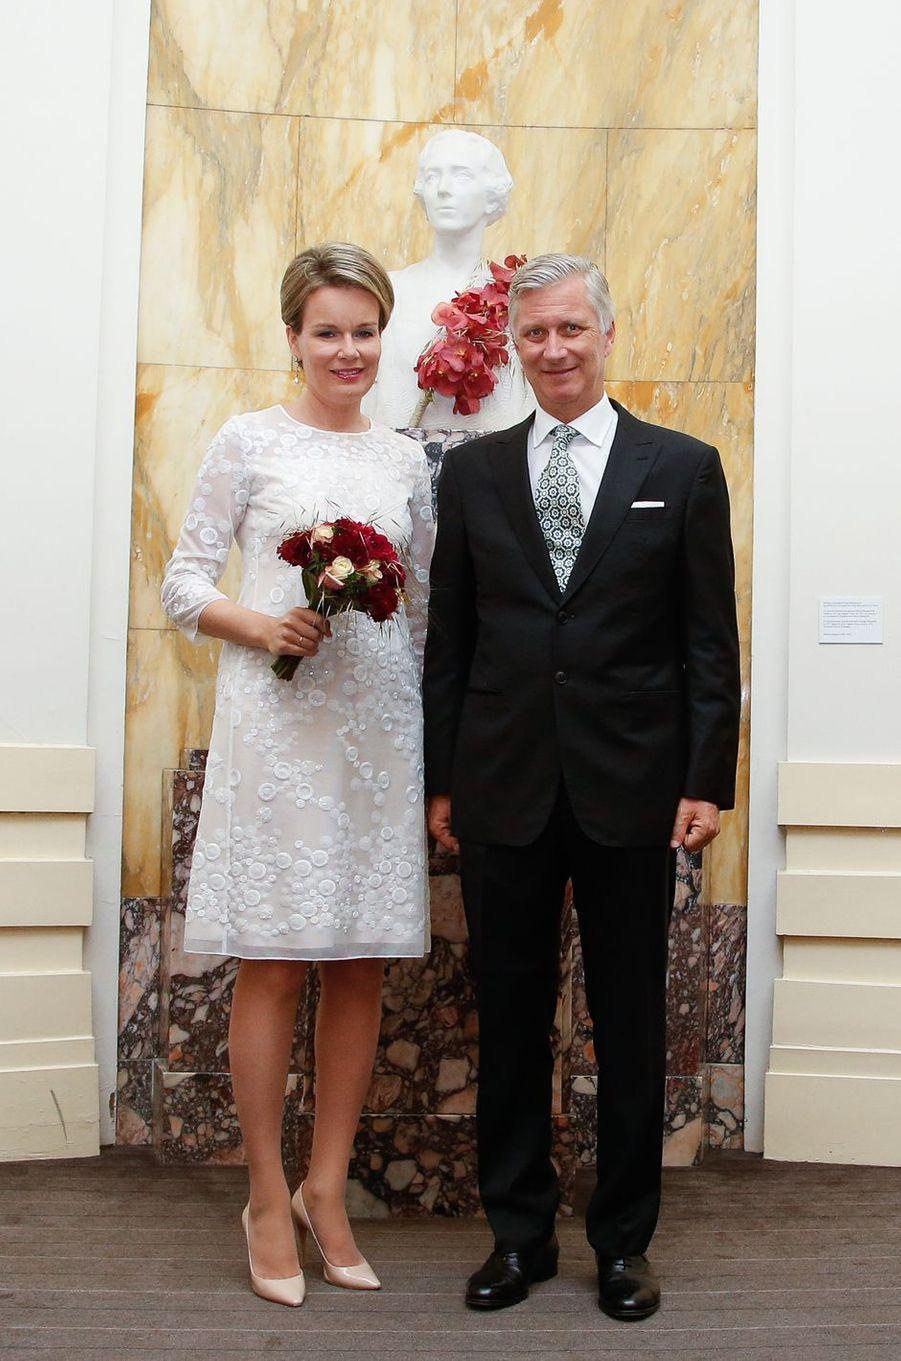 La reine Mathilde et le roi Philippe de Belgique à Bruxelles le 15 juin 2017